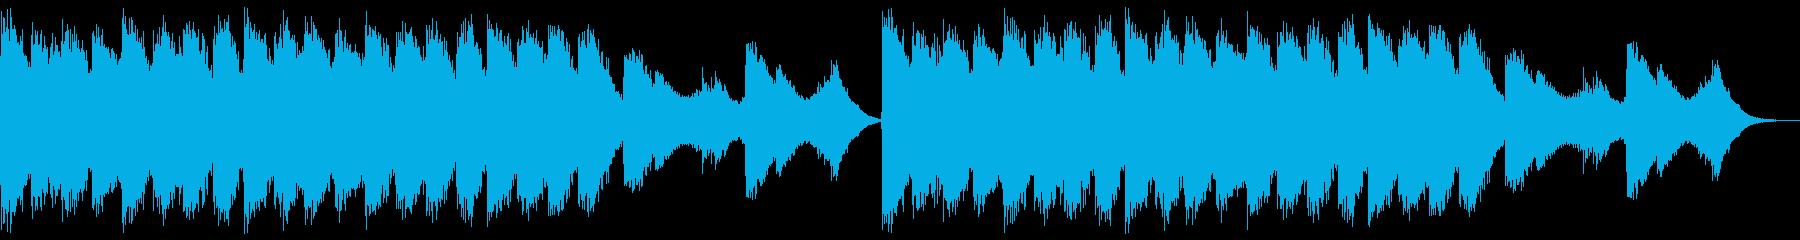 不気味な和風ホラーBGMの再生済みの波形